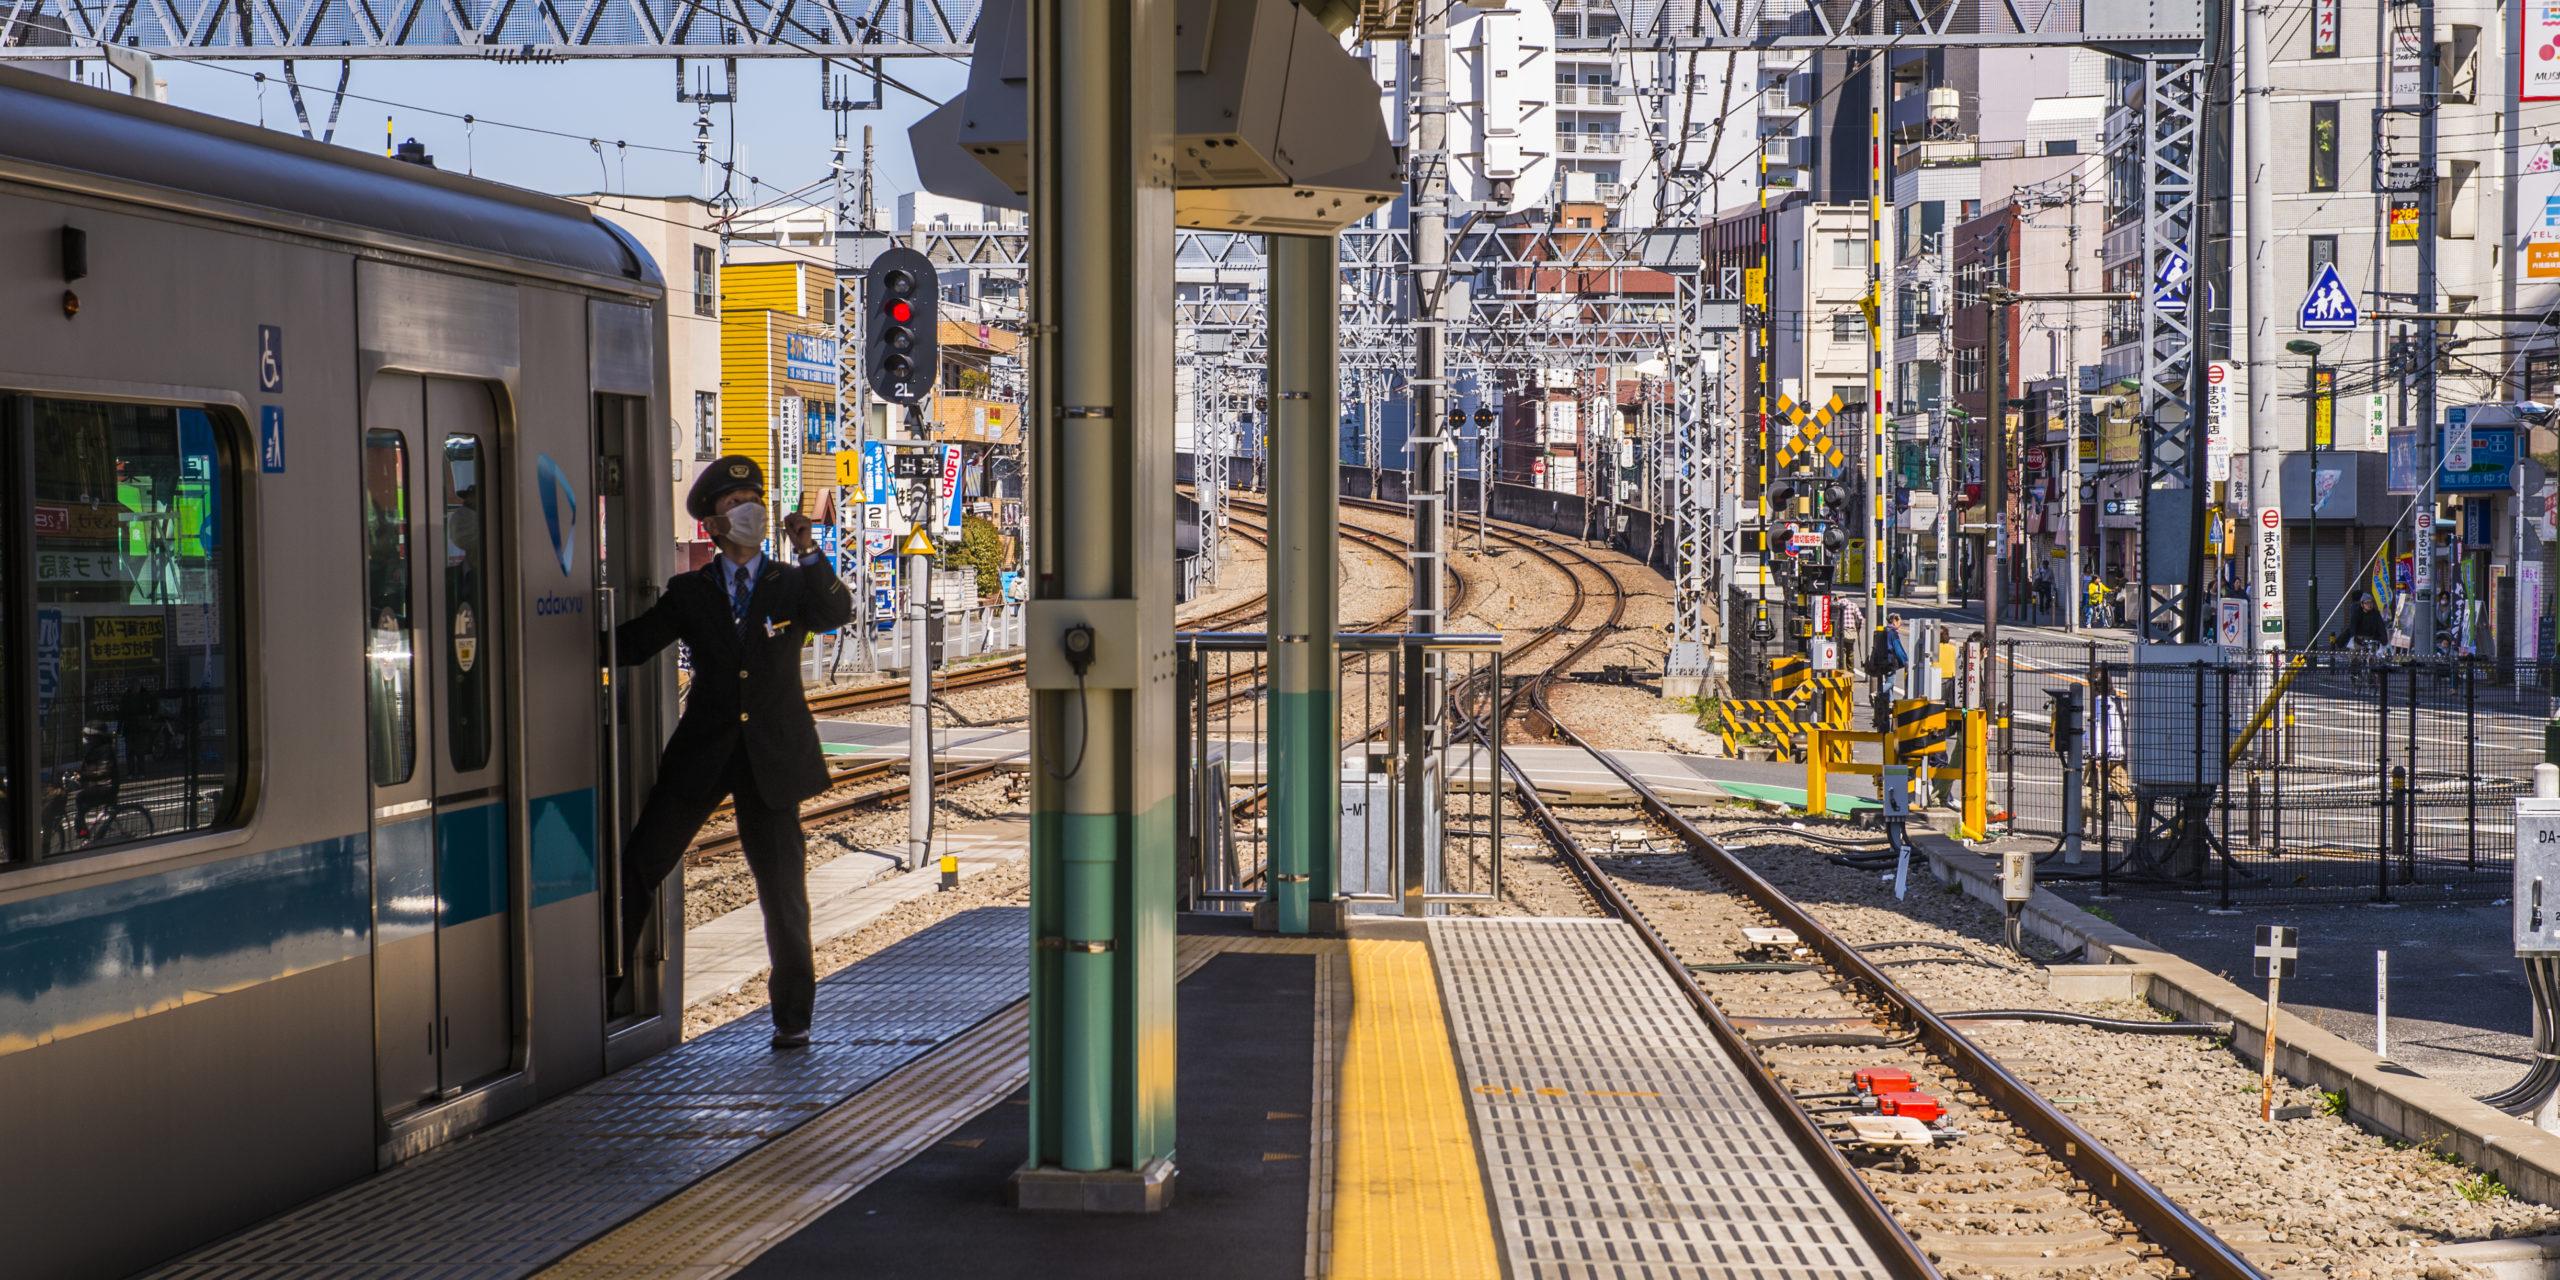 За безопасностью пассажиров на железной дороге в Японии станут следить встроенные в светодиодные лампы камеры